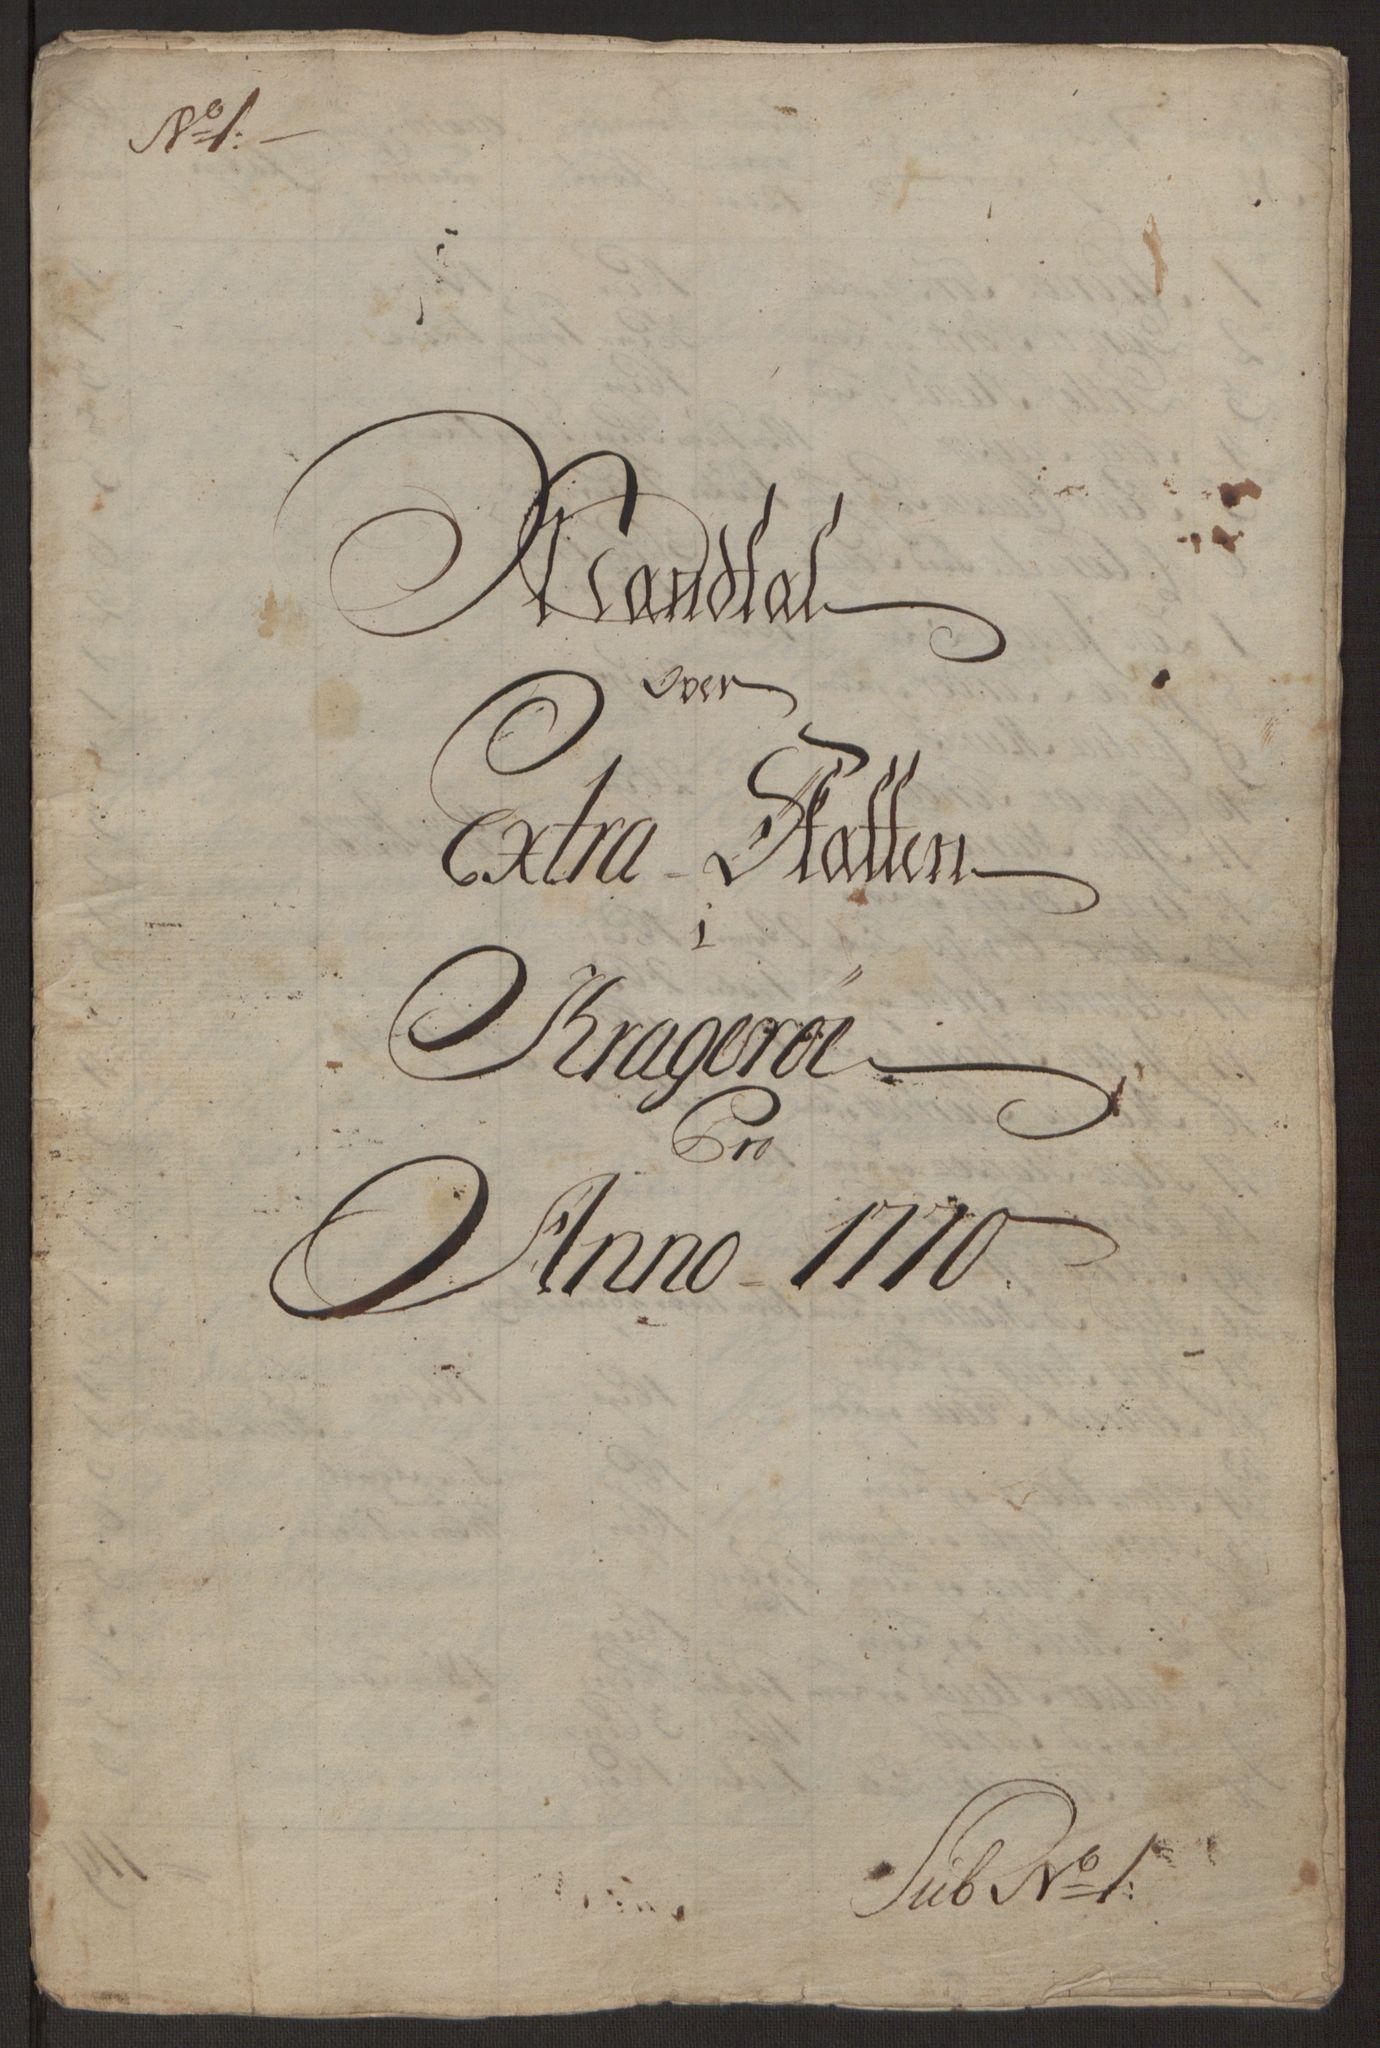 RA, Rentekammeret inntil 1814, Reviderte regnskaper, Byregnskaper, R/Rk/L0218: [K2] Kontribusjonsregnskap, 1768-1772, s. 48